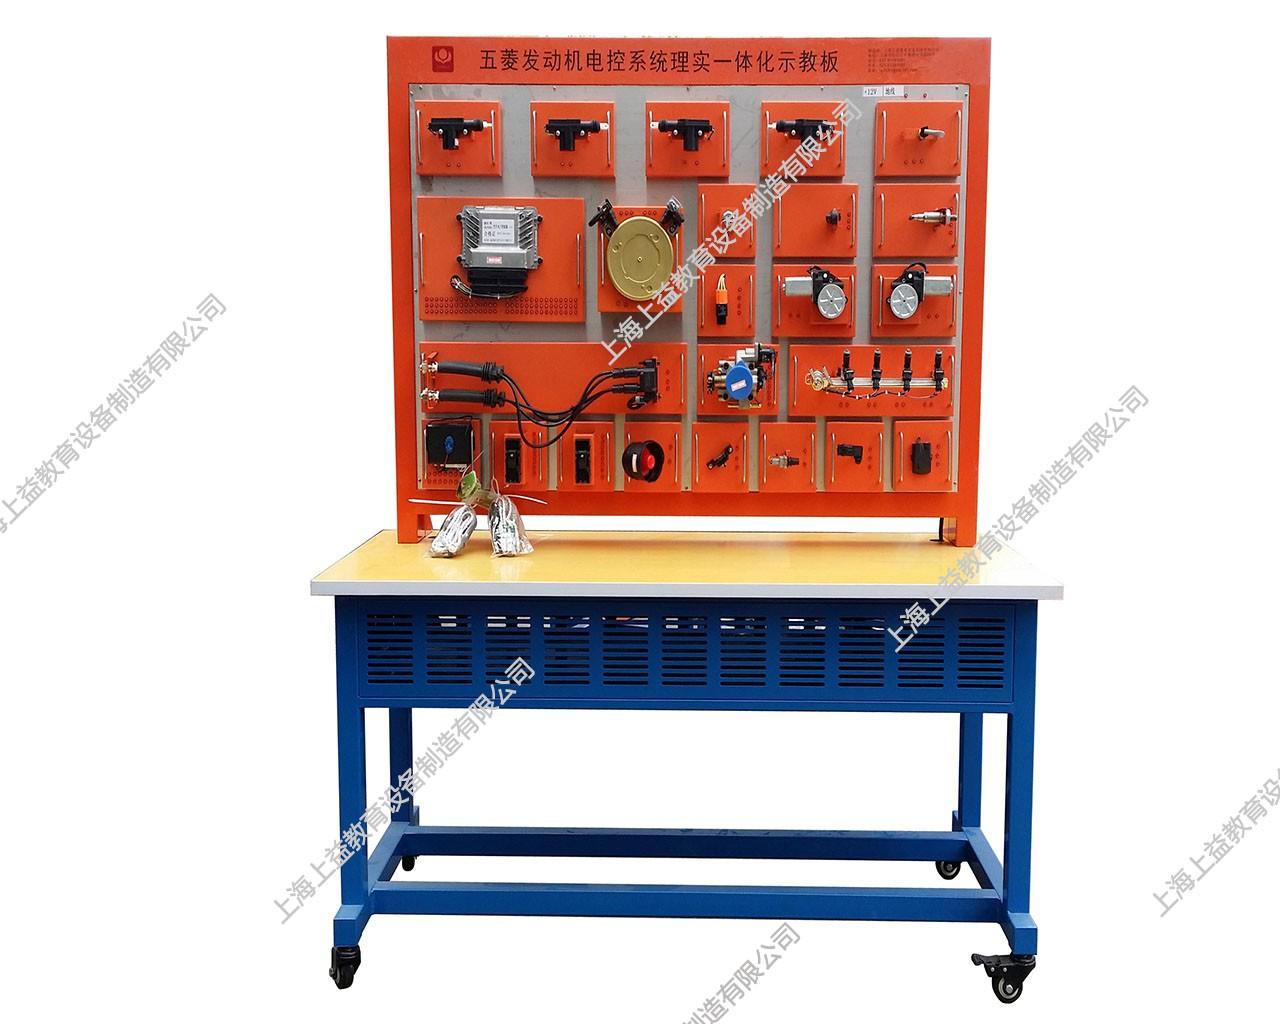 电控发动机积木连线全套件wwwlehu8viplehu68vip装置